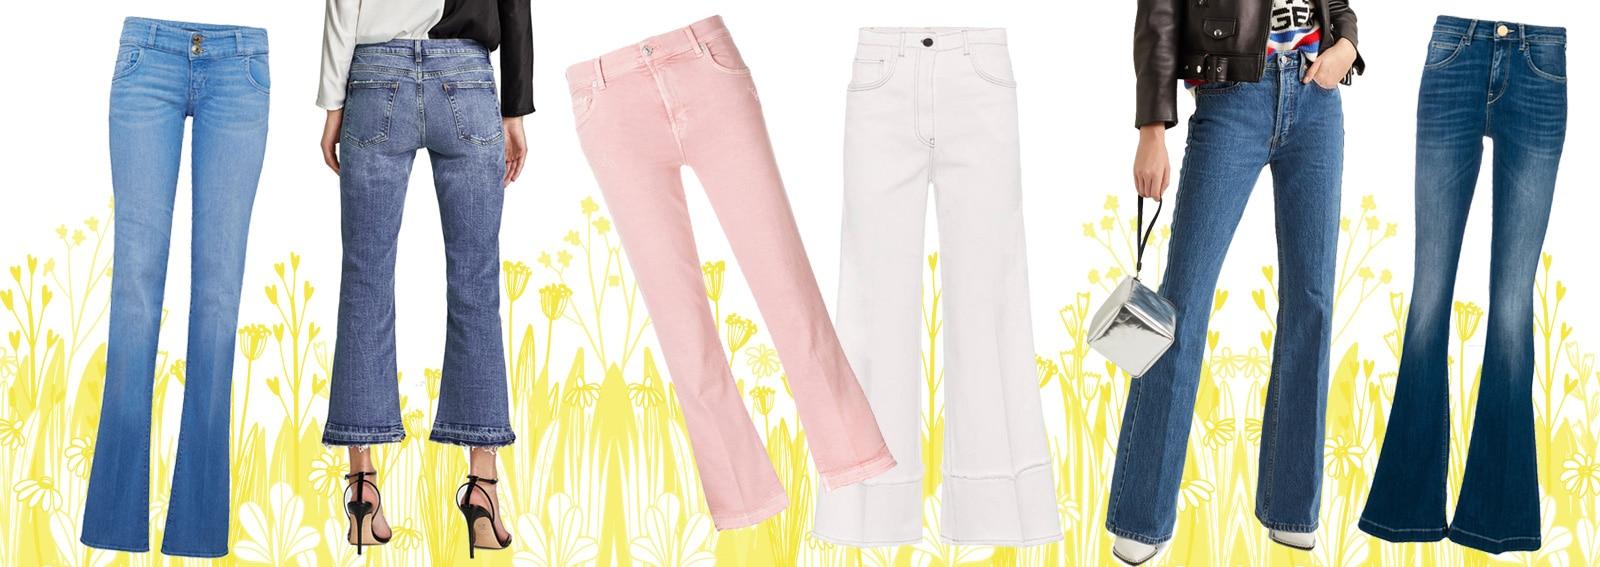 DESKTOP_jeans_Zampa